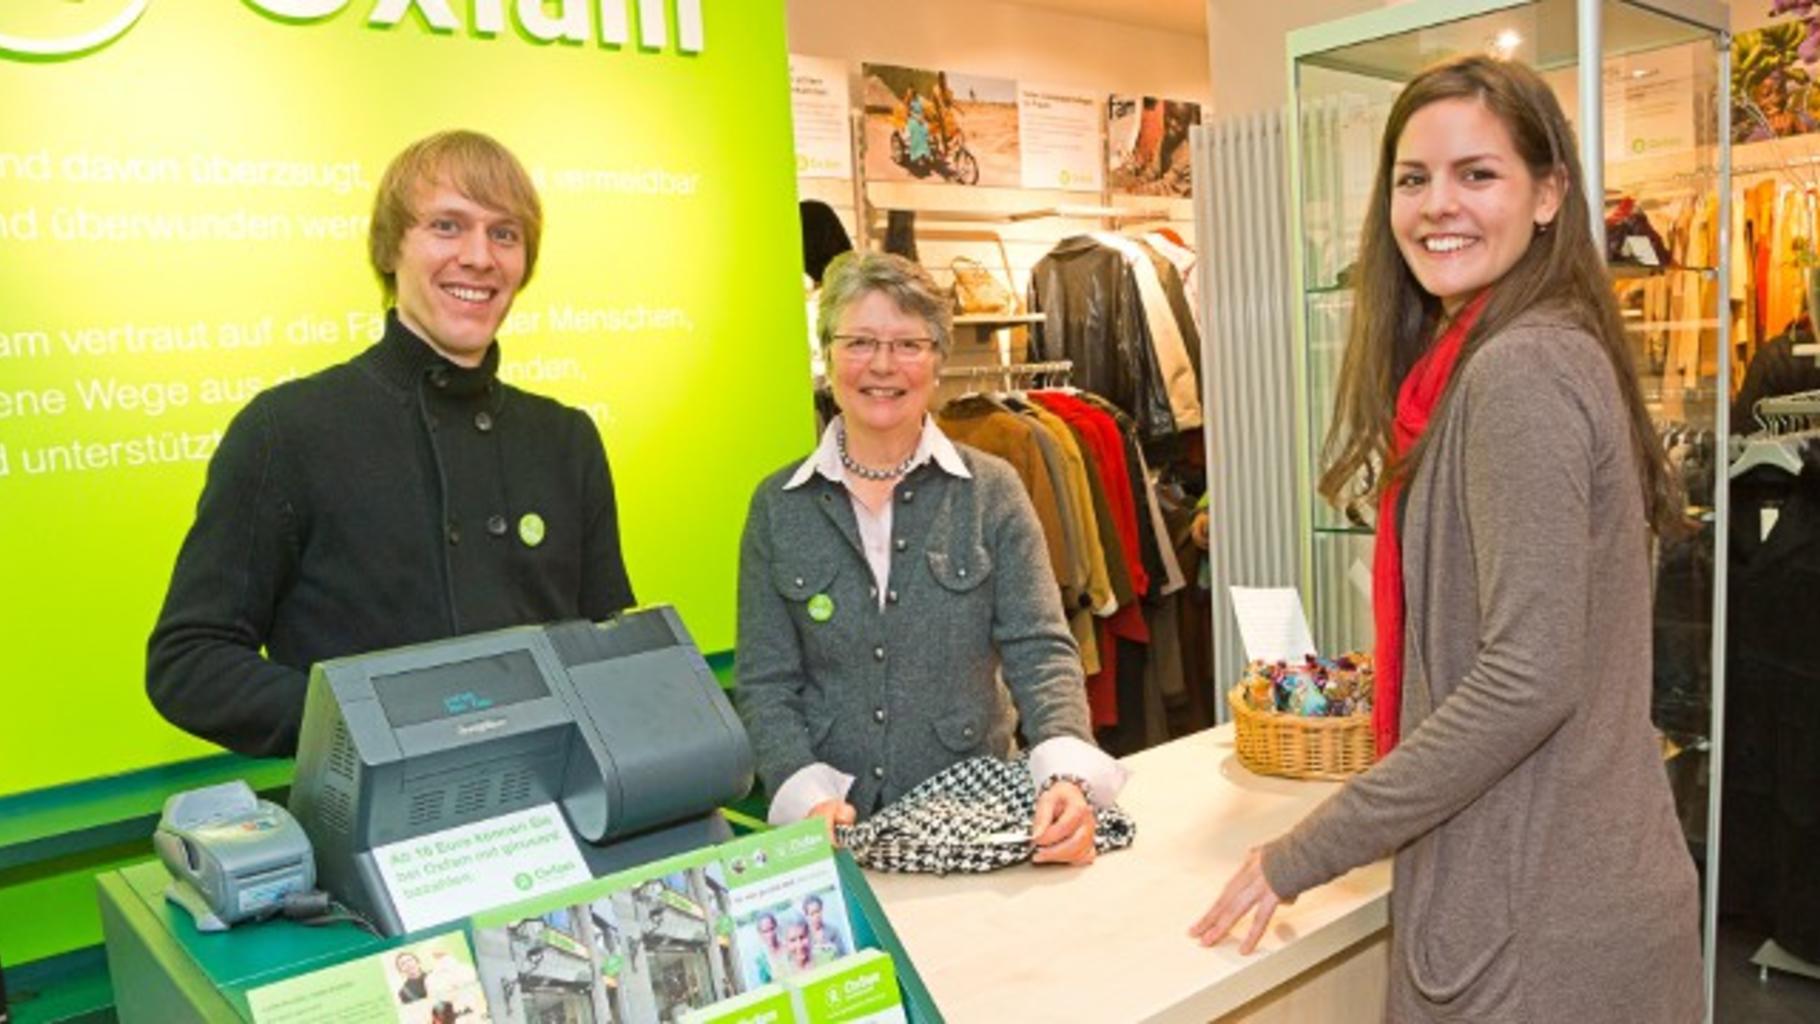 Foto: Verkauf in einem Oxfam Shop